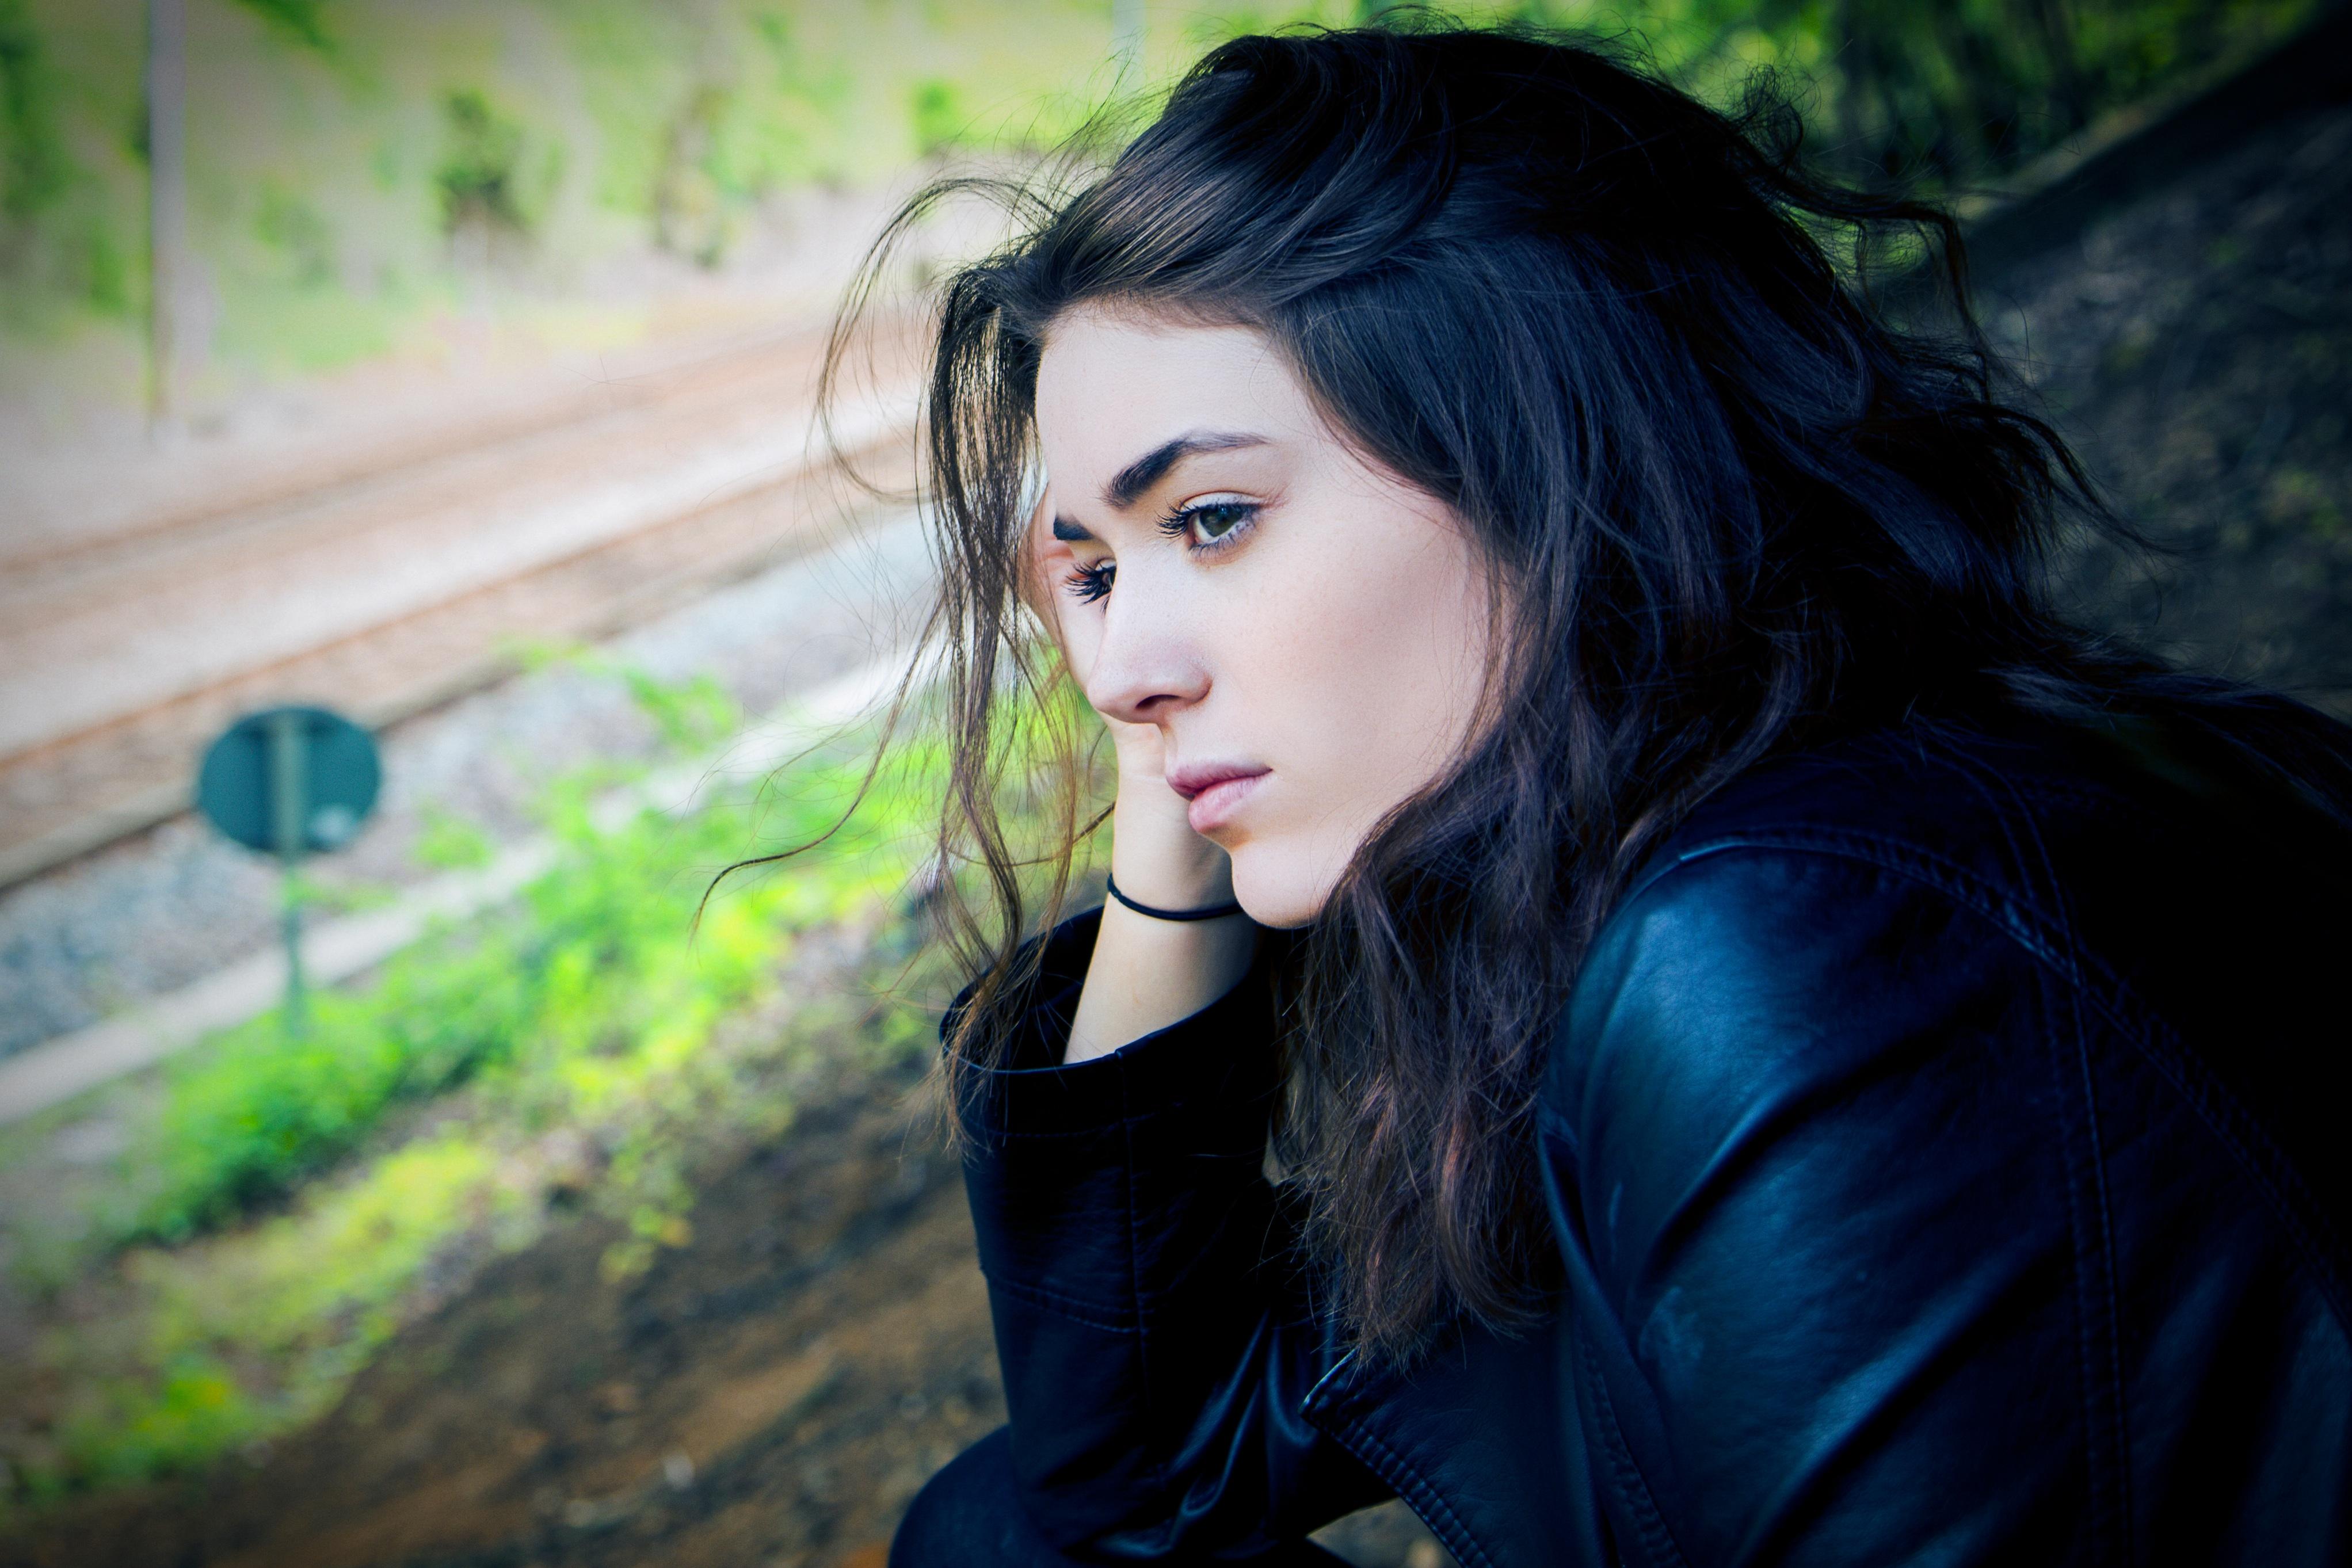 """""""Mindig akkor bántottam magamat, amikor valaki bántott"""" – Őszintén az önsebzésről"""